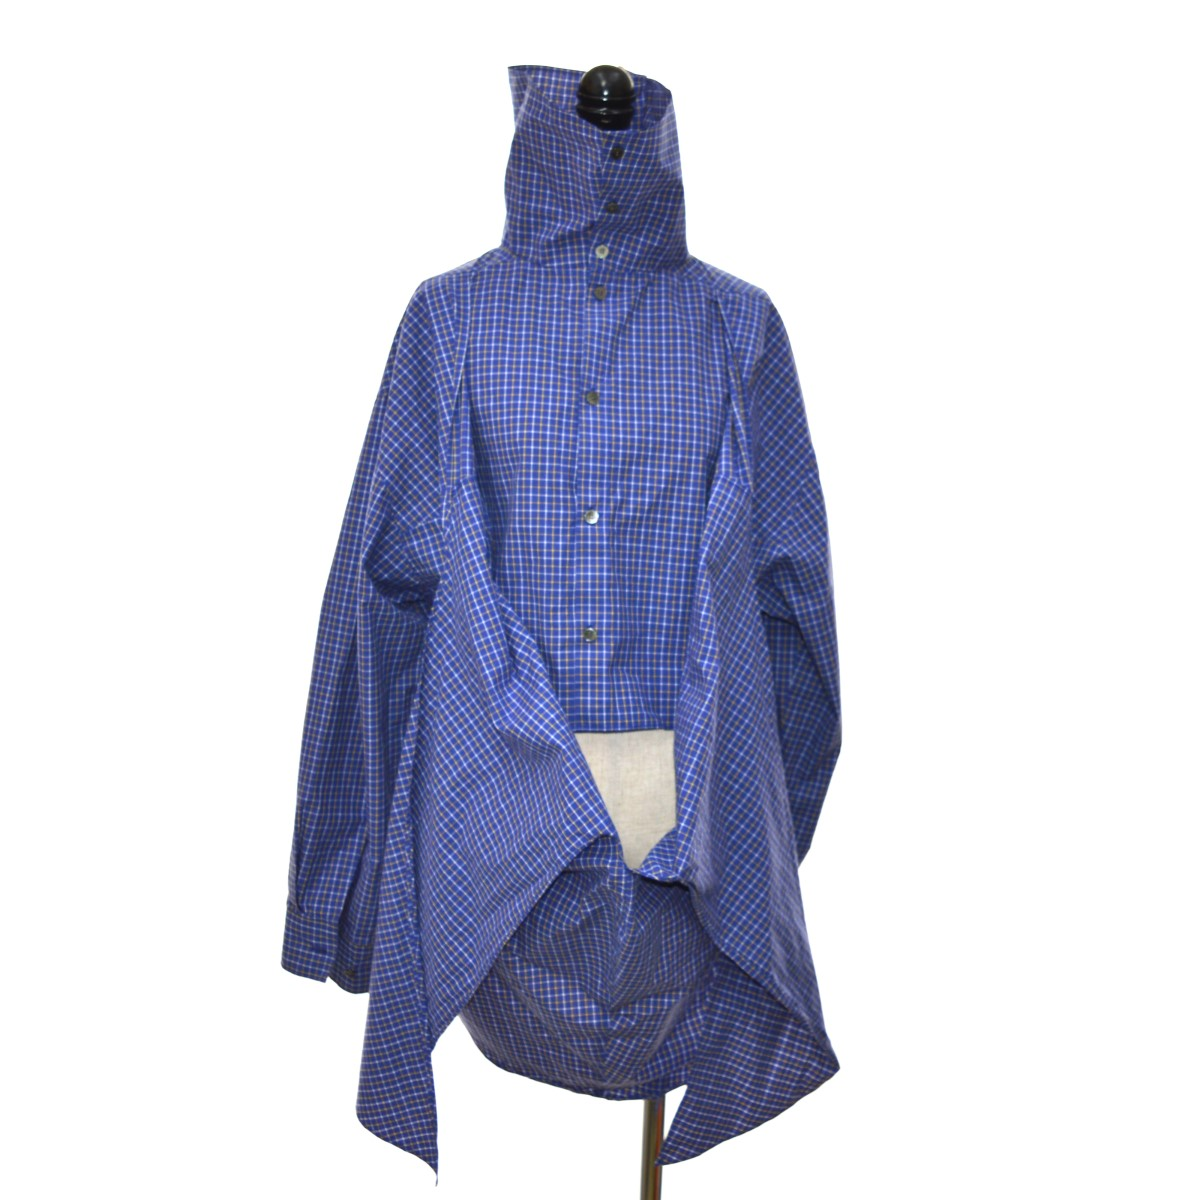 【中古】IRENE 19AW Check Back Knot Shirt-9 シャツ ネイビー サイズ:36 【070420】(アイレネ)